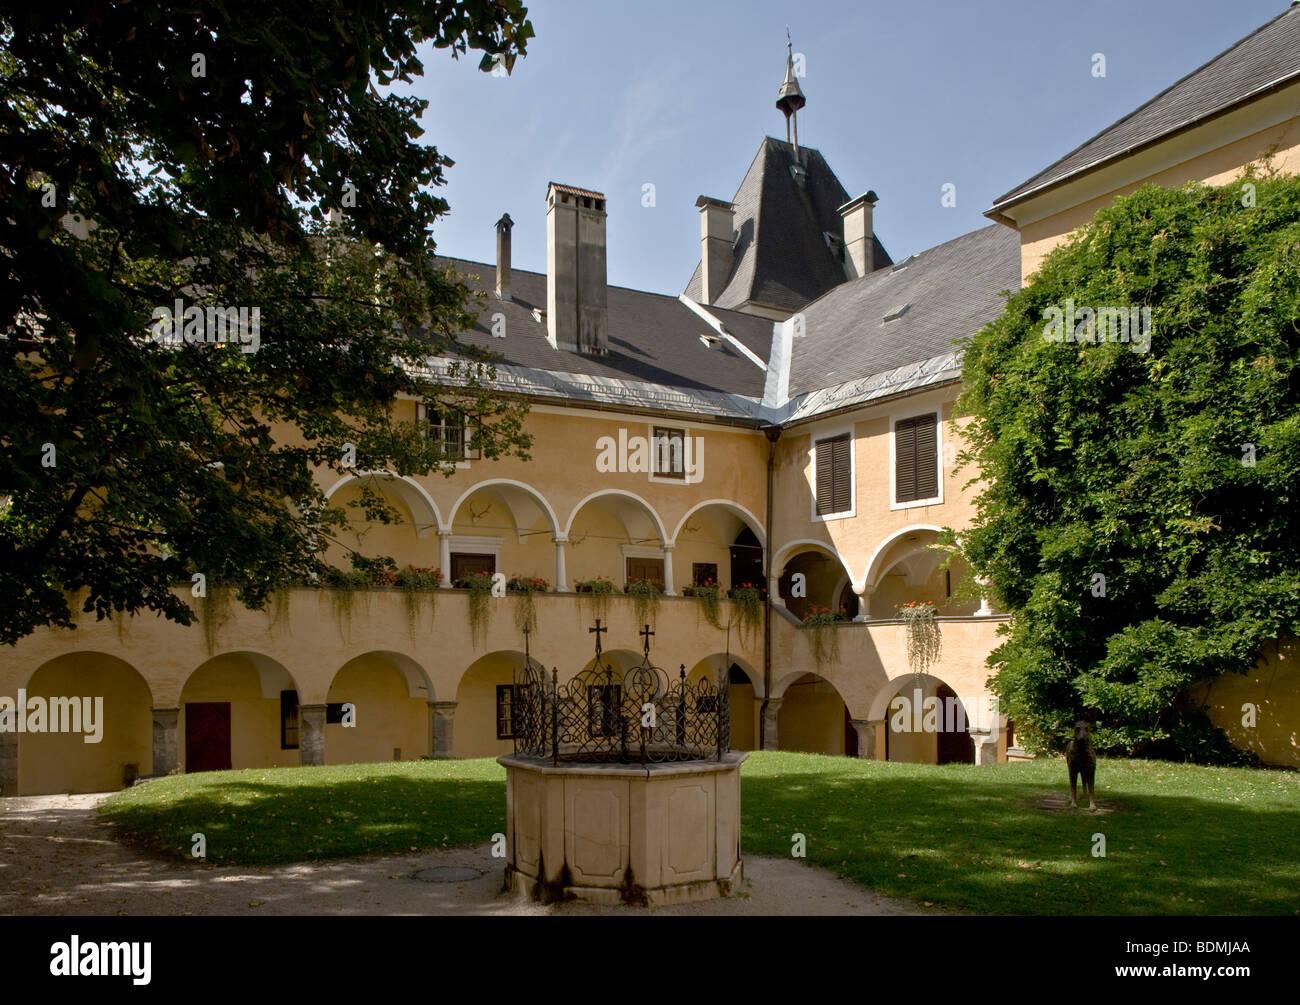 Millstatt, ehemaliges Hochmeisterschloß, Innenhof - Stock Image